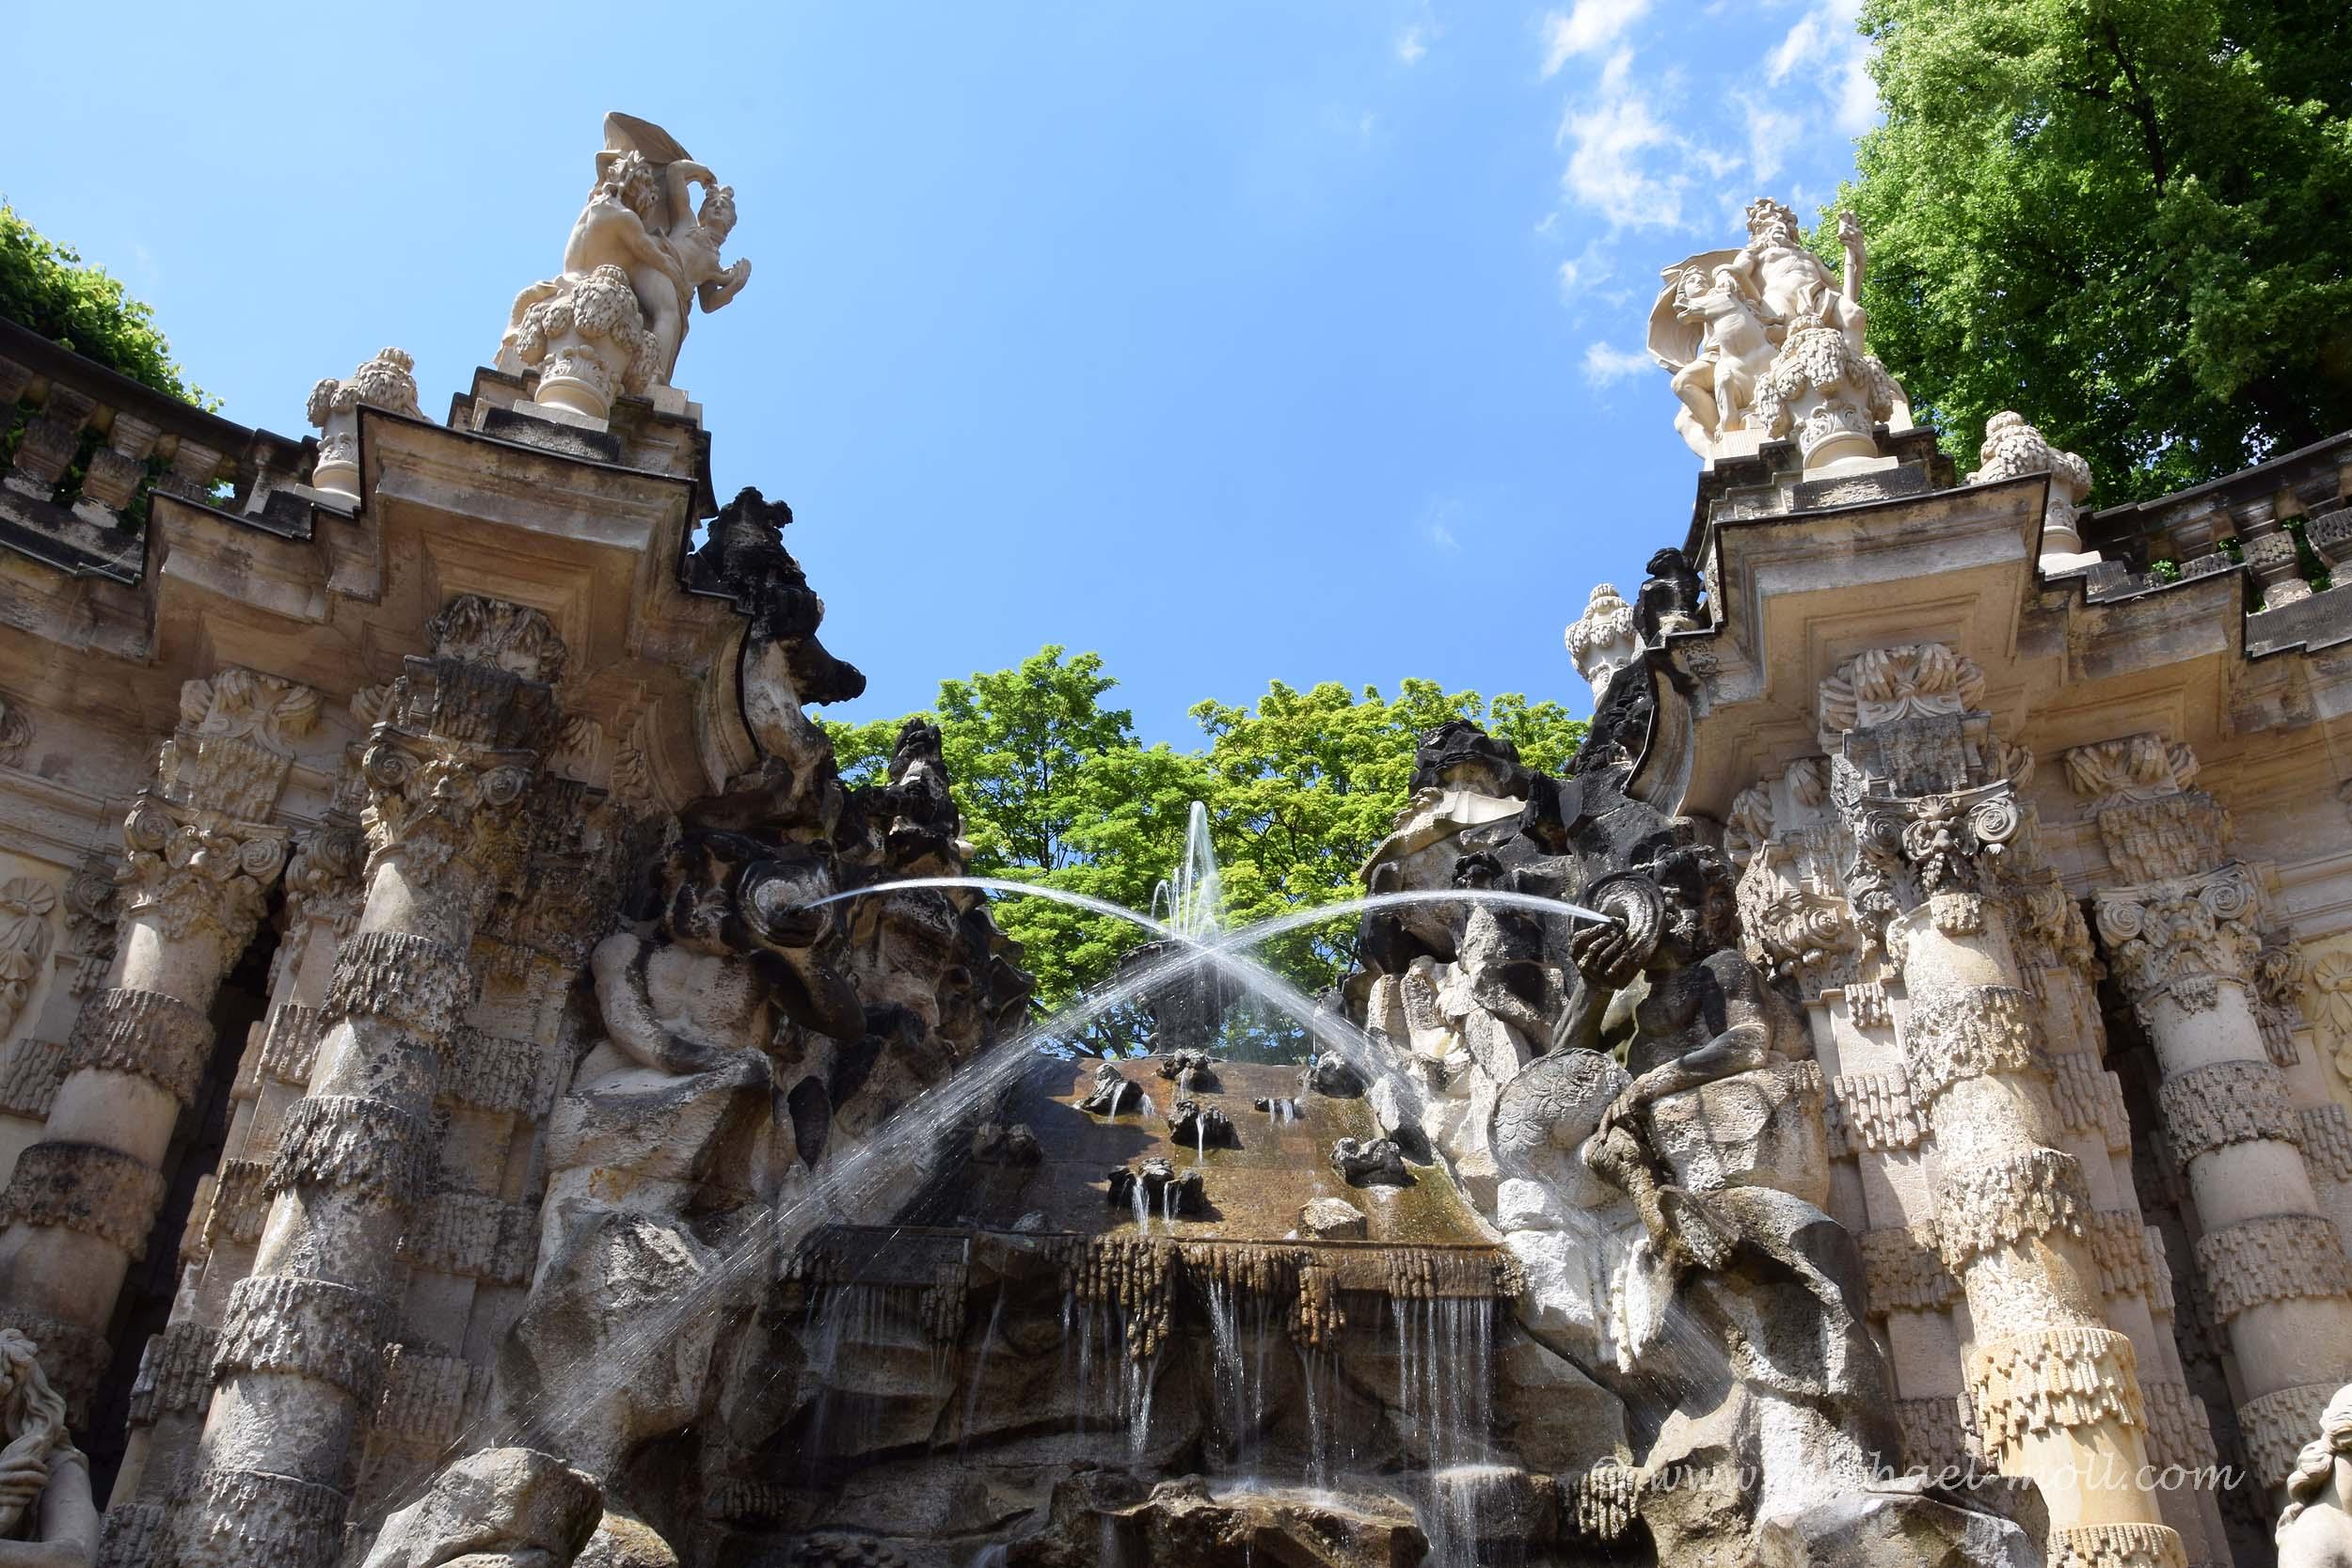 Wasserspiele im Zwinger